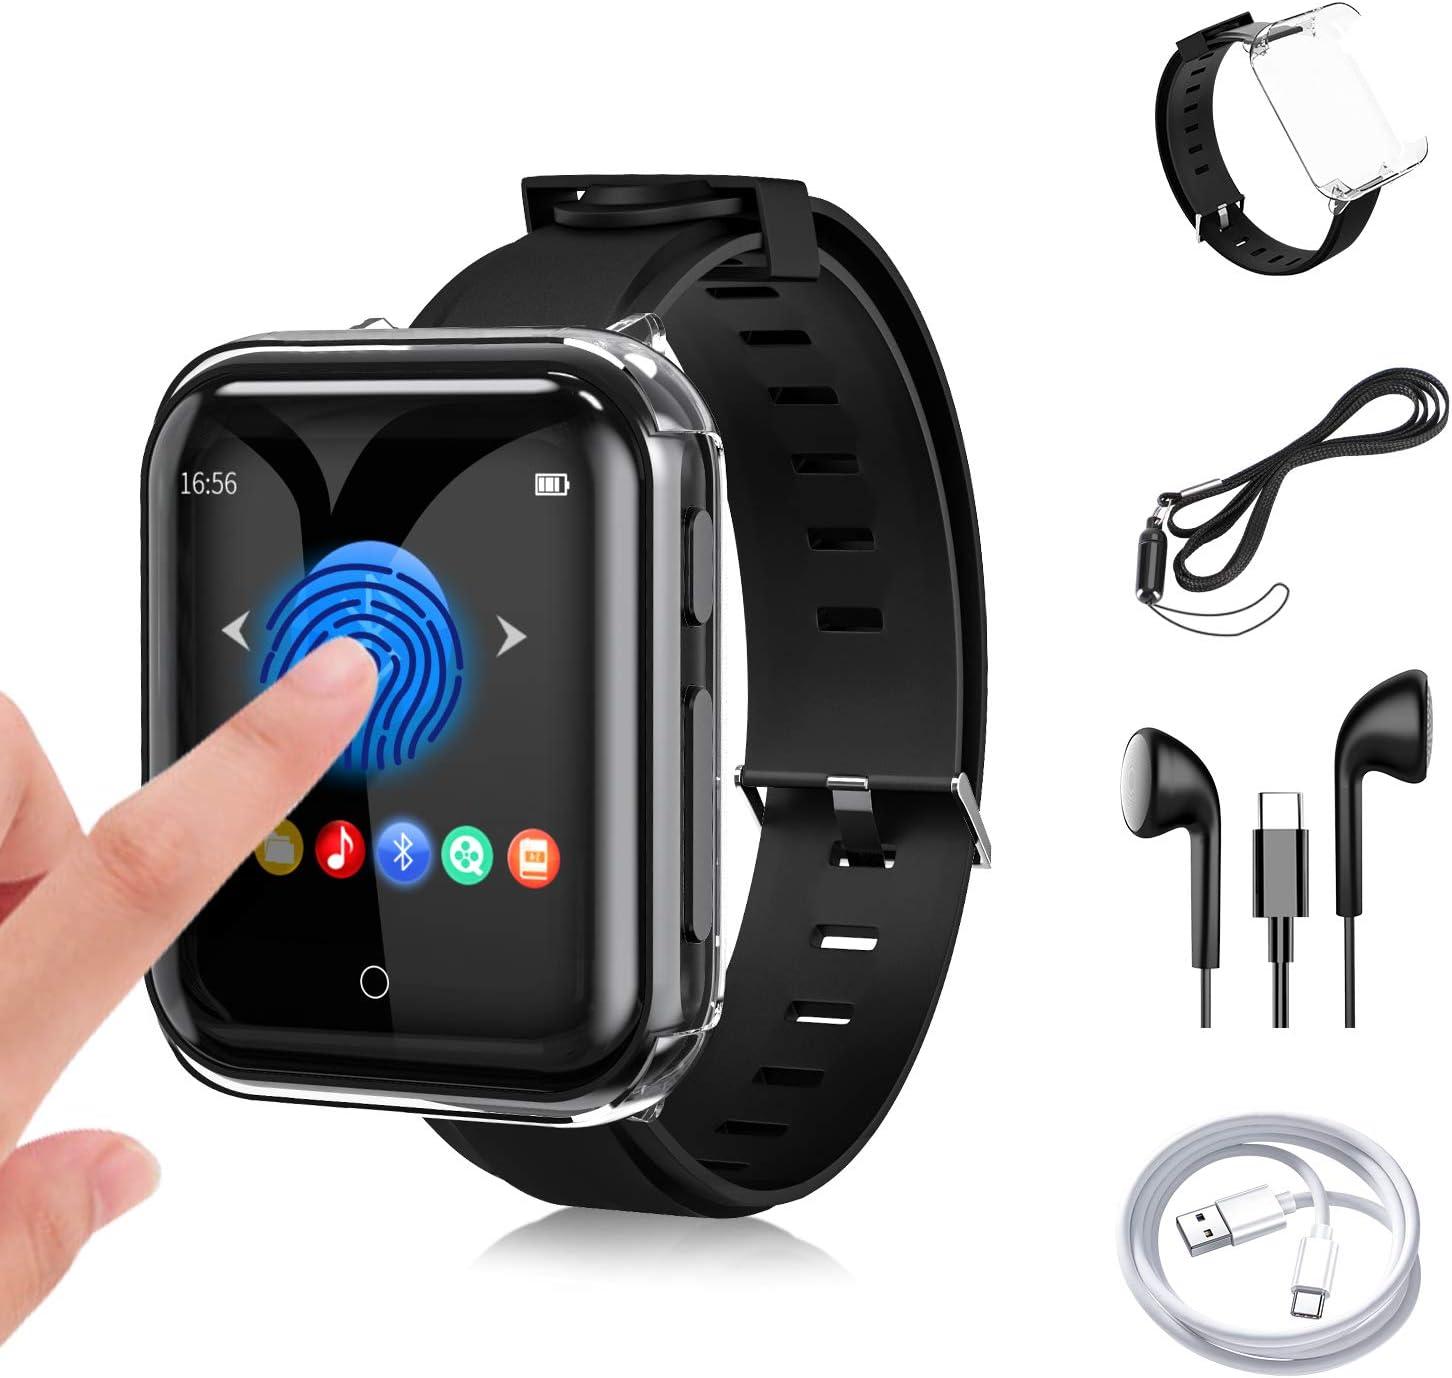 32G Reproductor MP3 Bluetooth 5.0 JBHOO MP3 Running con Correa de Reloj, FM Radio, Podómetro Deportivo, Grabación, 1.5